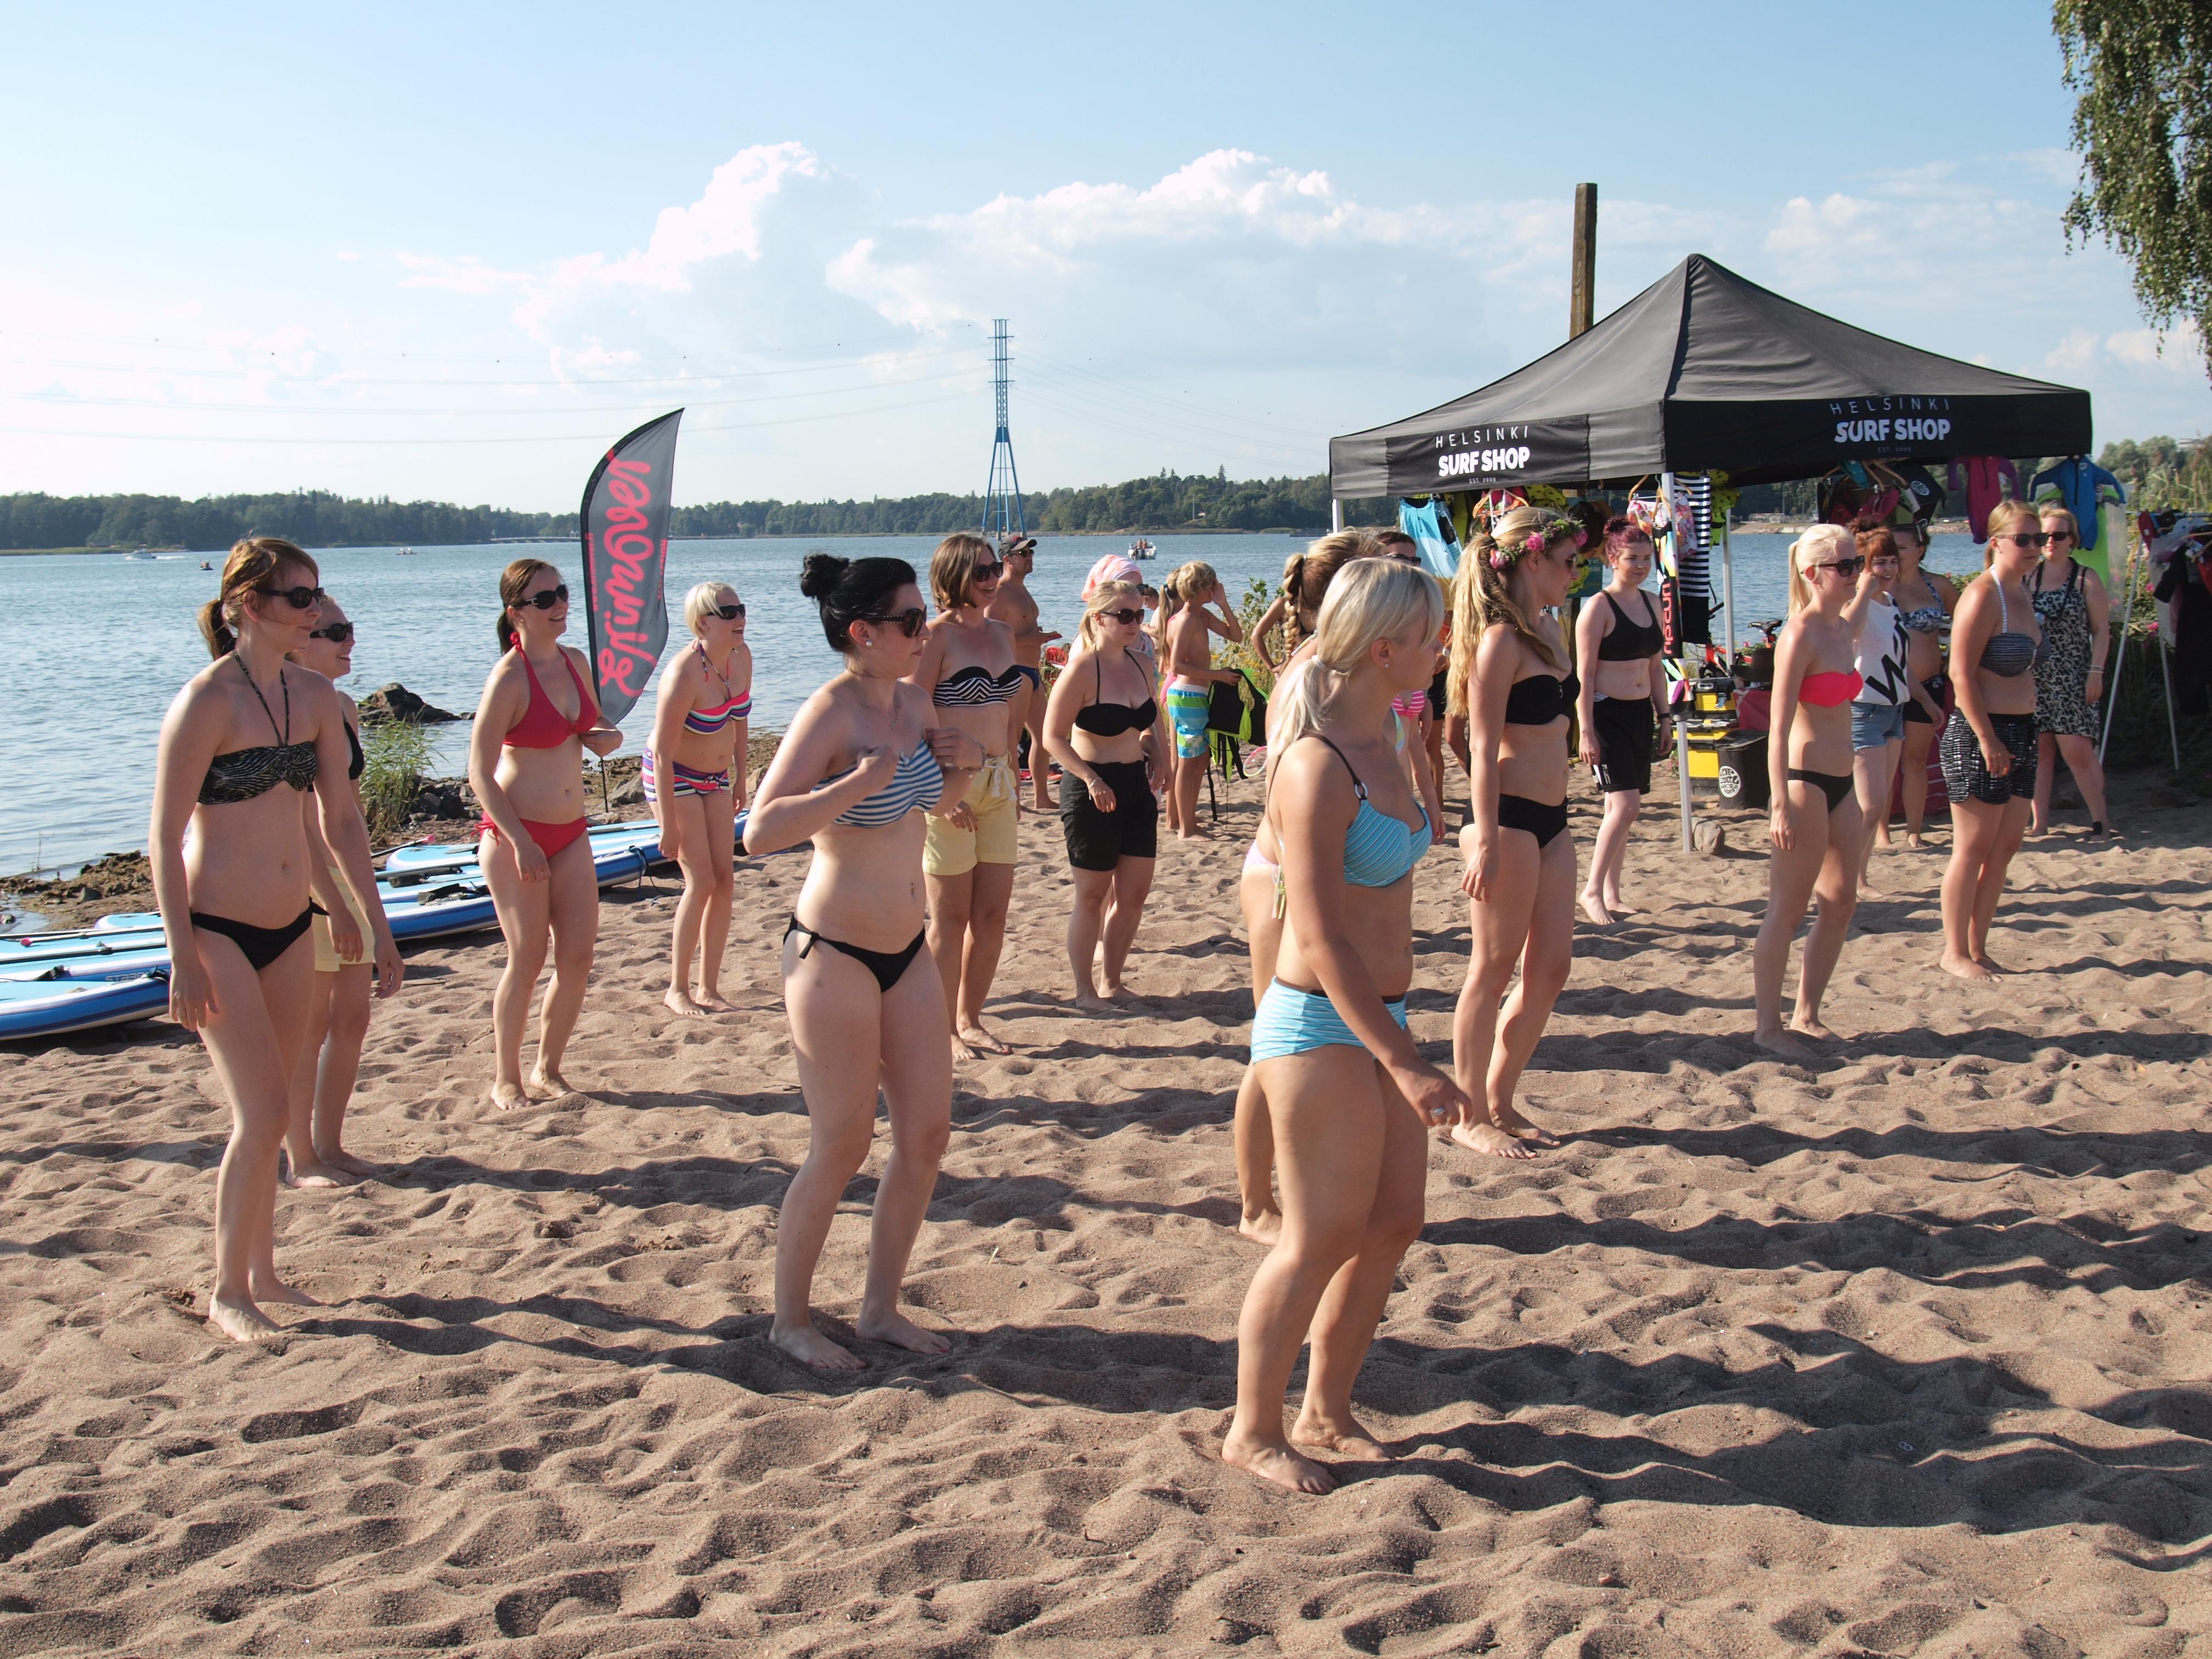 With you beach bikini fun